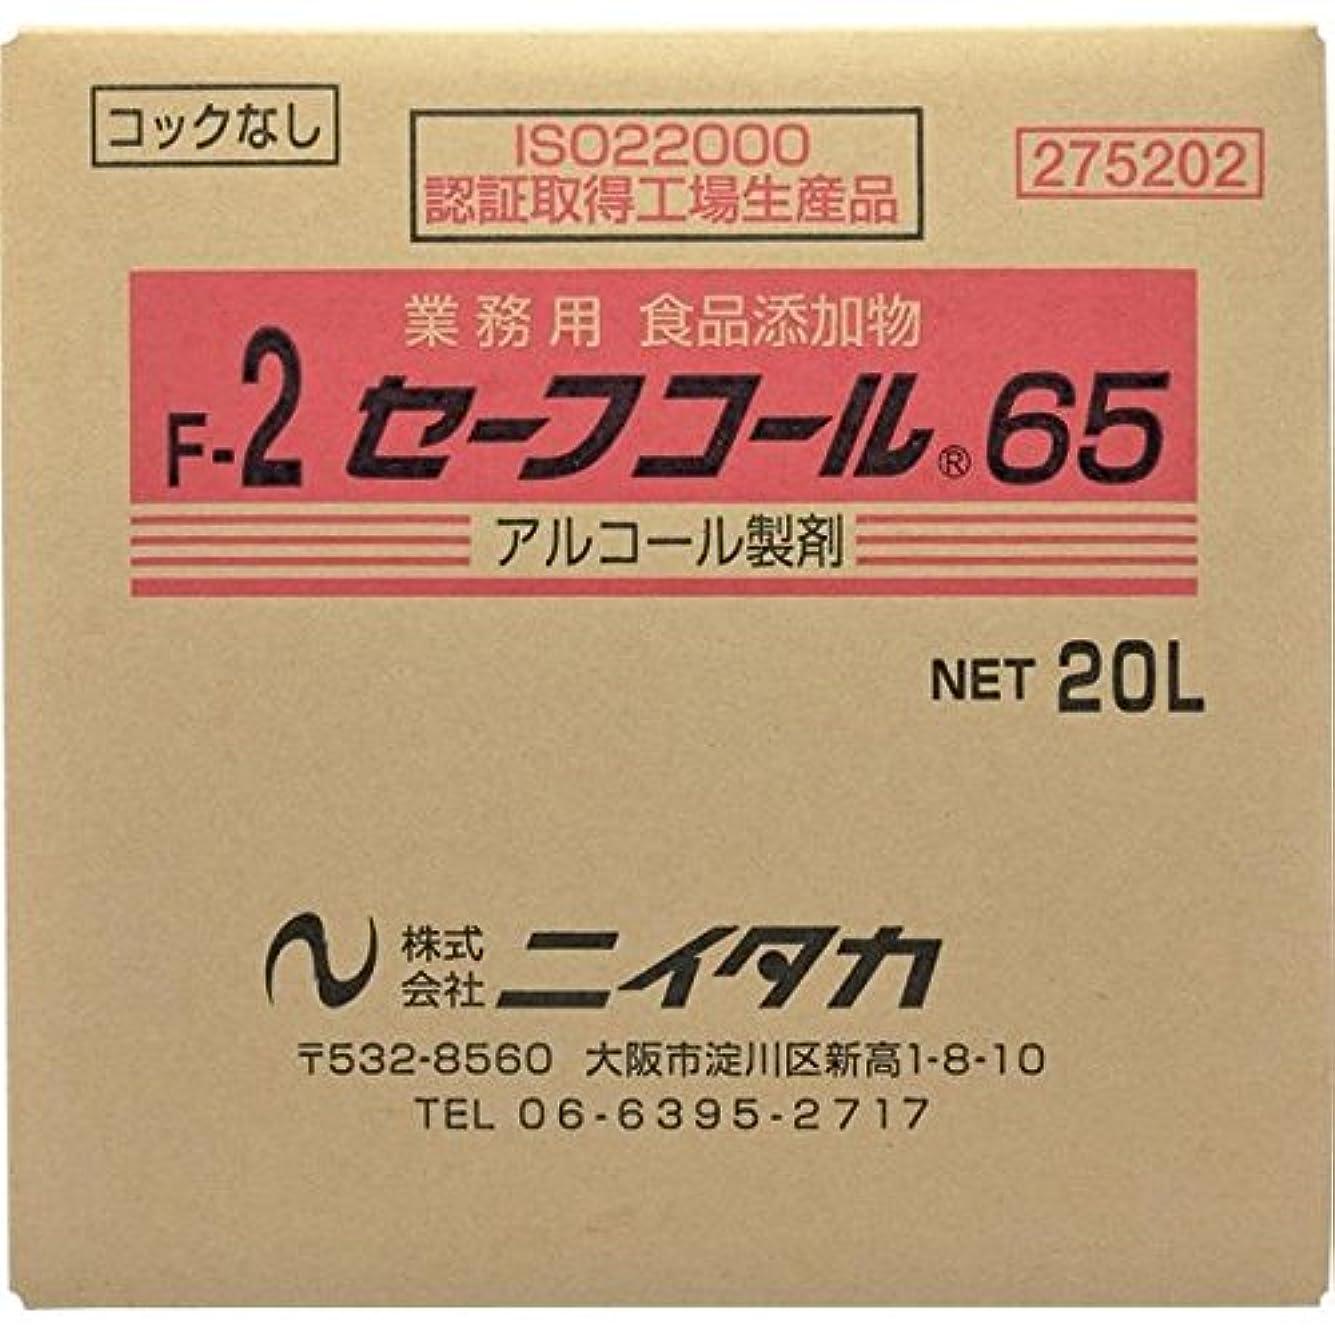 小川フォルダしたいニイタカ:セーフコール65(F-2) 20L(BIB) 275202